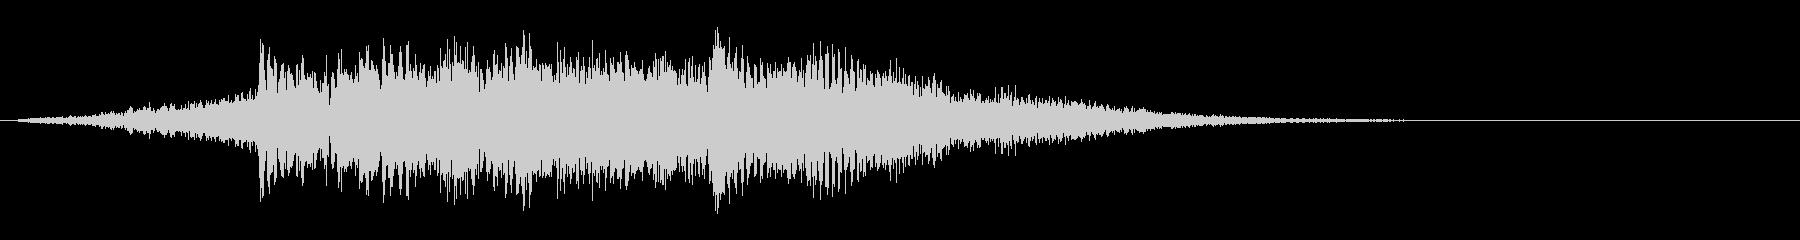 ジングル、サウンドロゴ POP01の未再生の波形